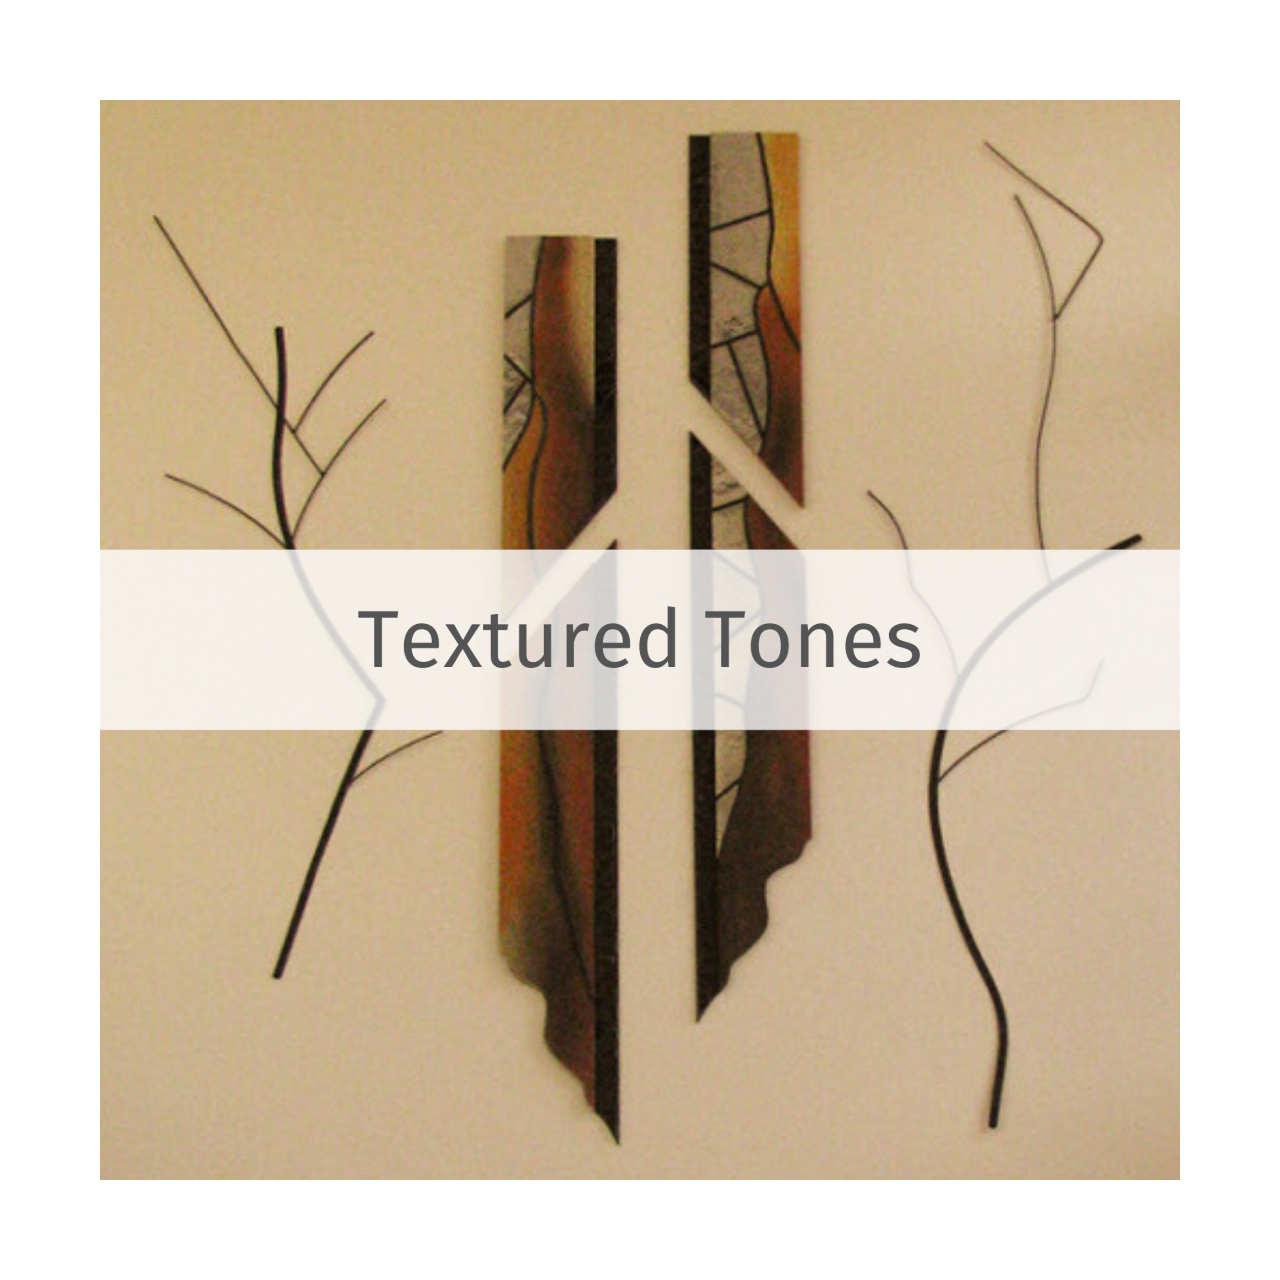 TexturedTones11.jpg